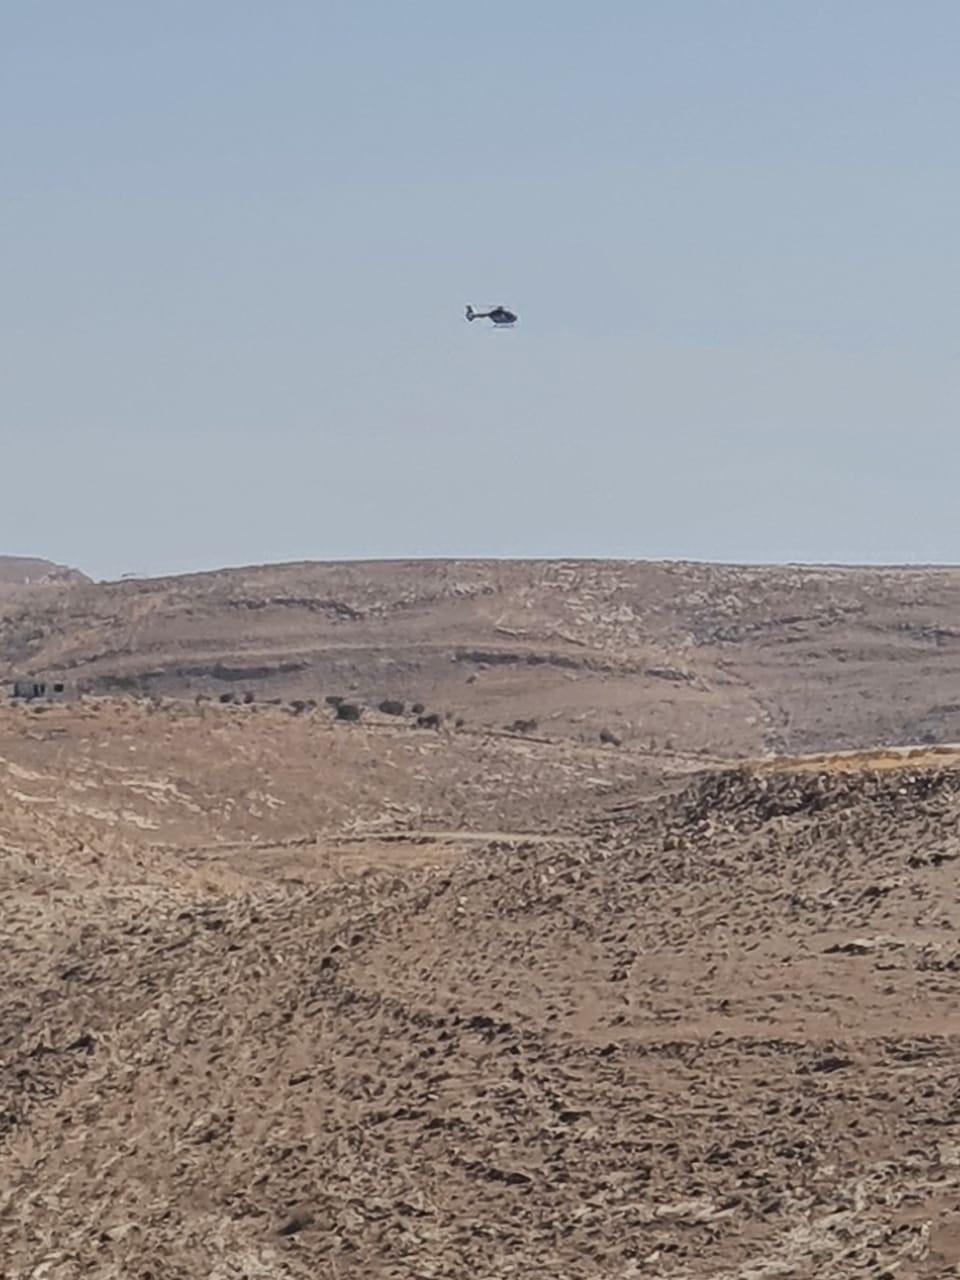 الأمن العام: طائرة عامودية تشارك بالبحث عن مواطن مفقود في مأدبا